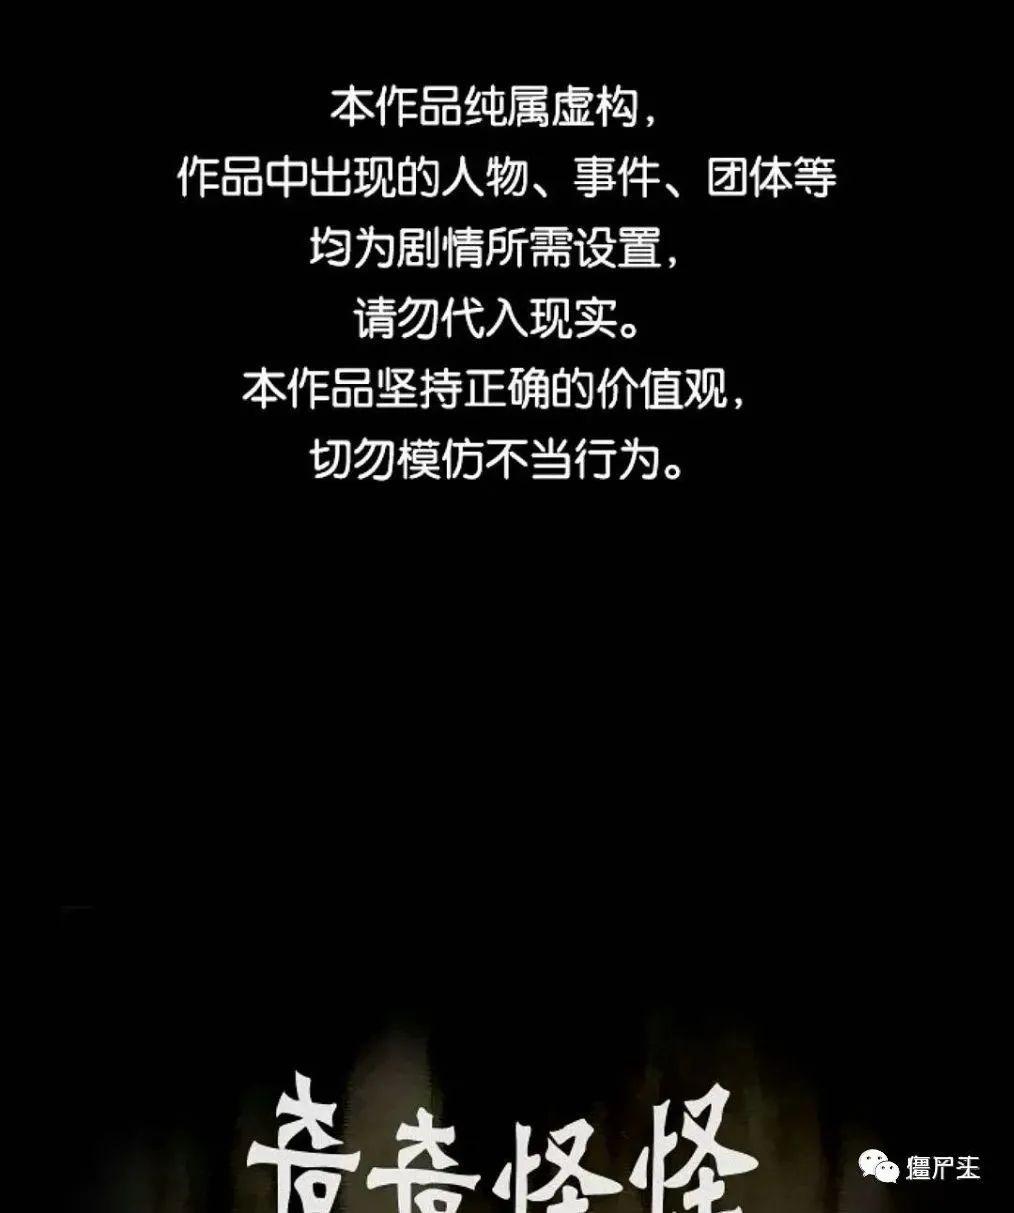 僵尸王漫画:黑雾